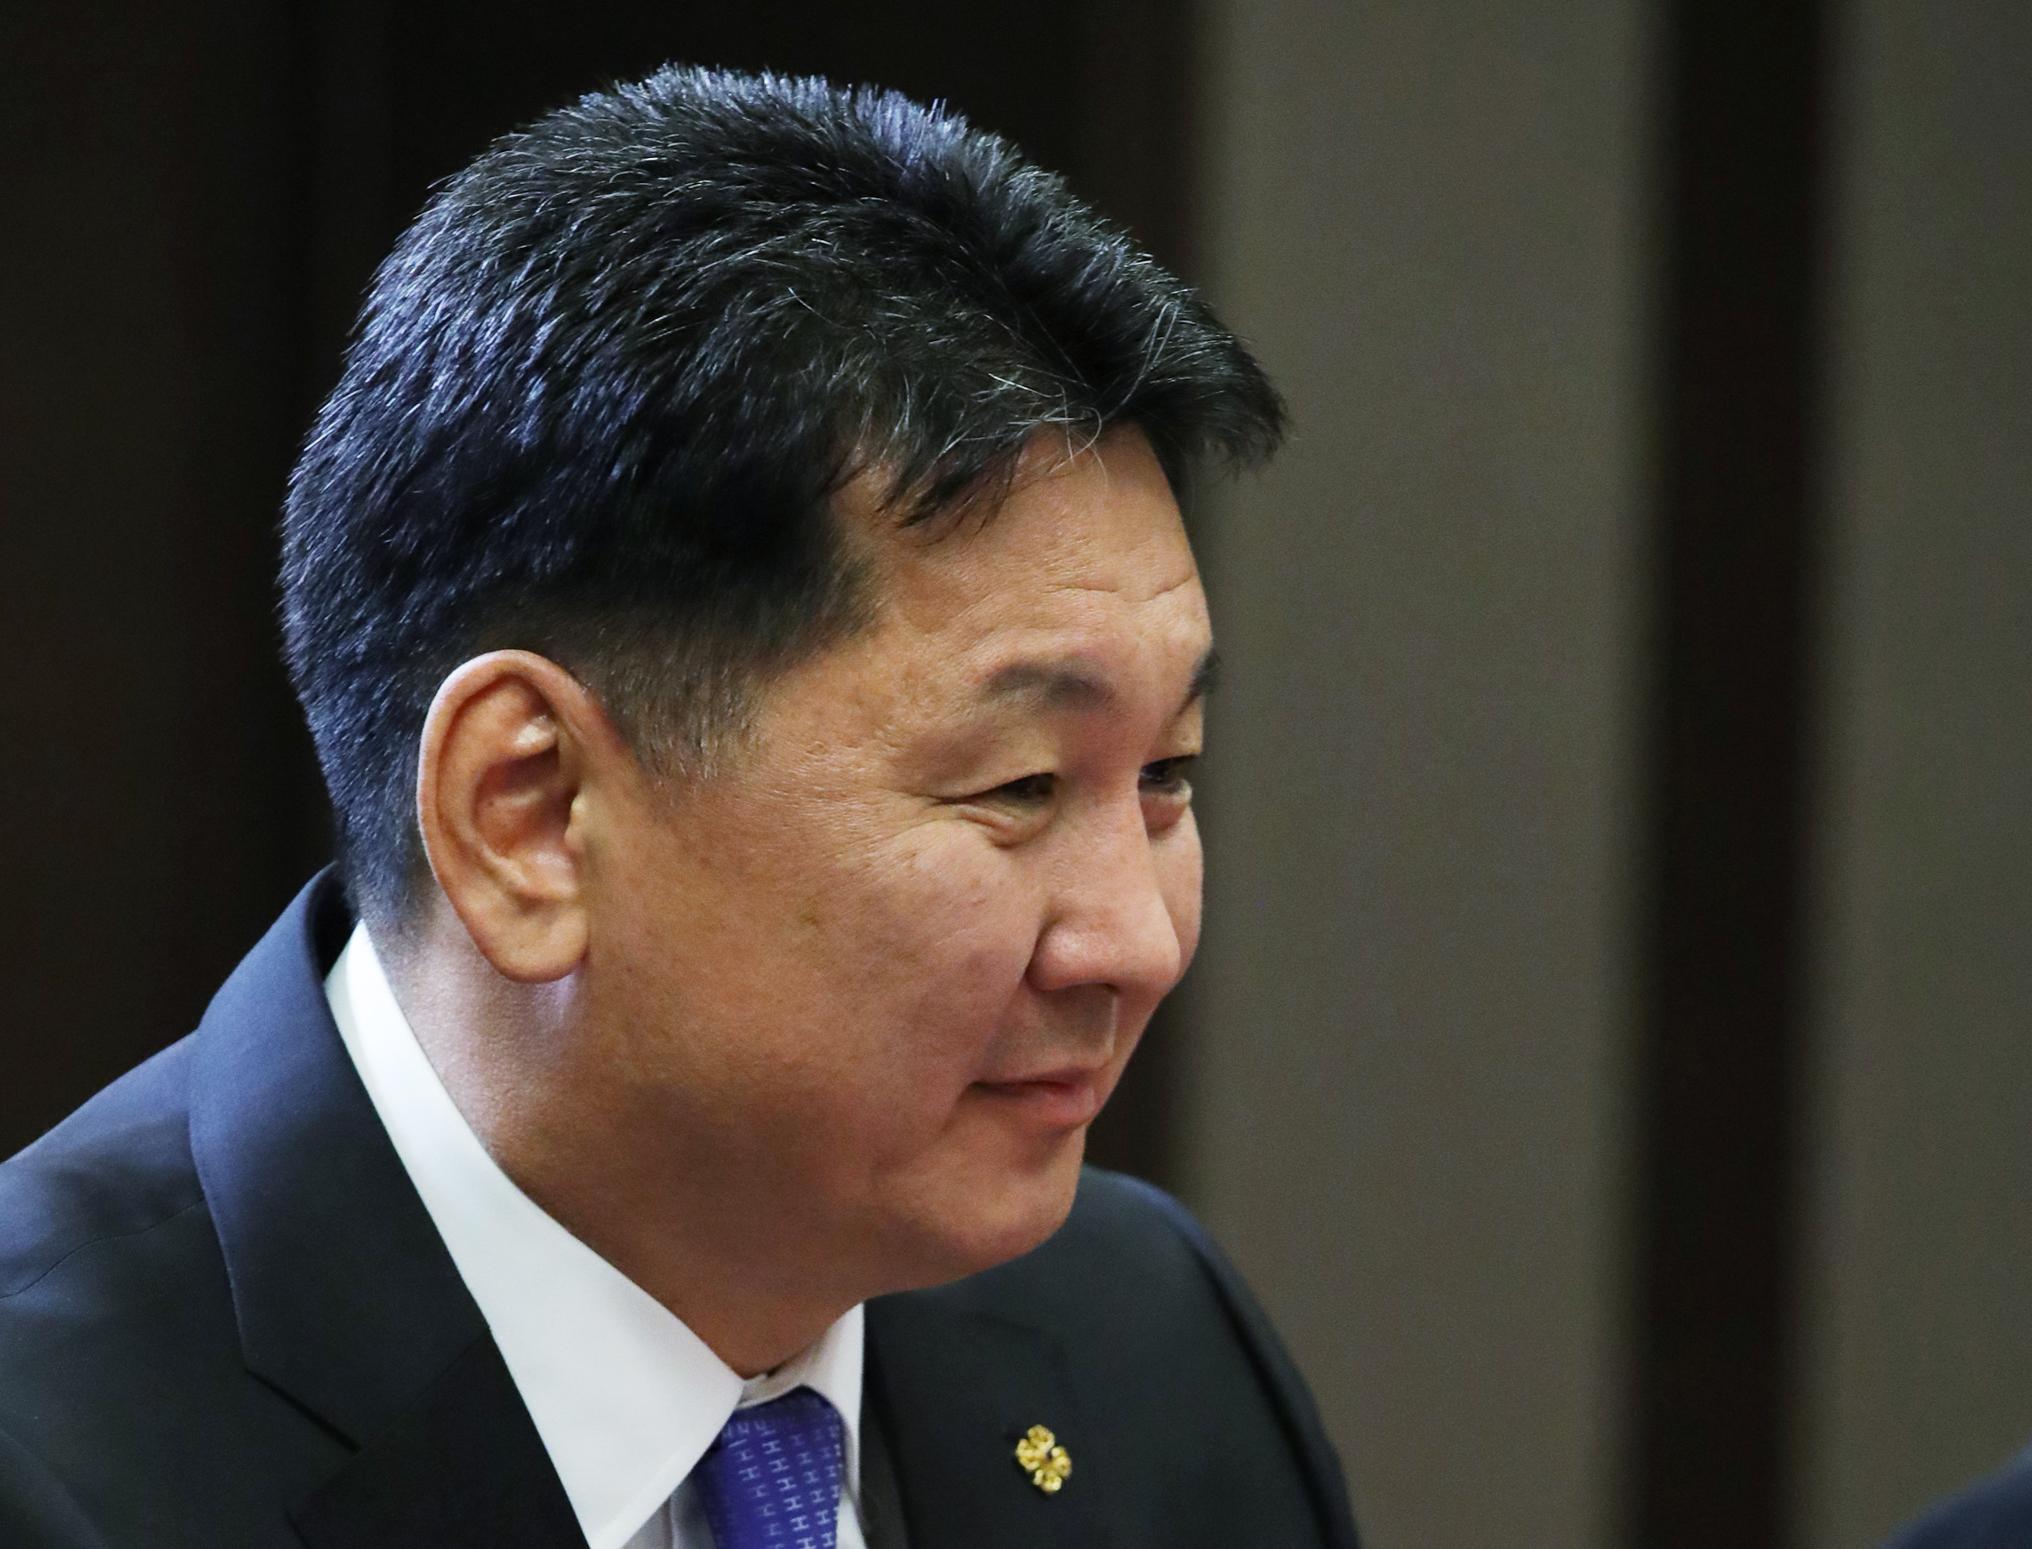 Belebukott a mongol kormány abba a botrányba, ami egy járványkórházba vitt koronavírusos kismama miatt robbant ki